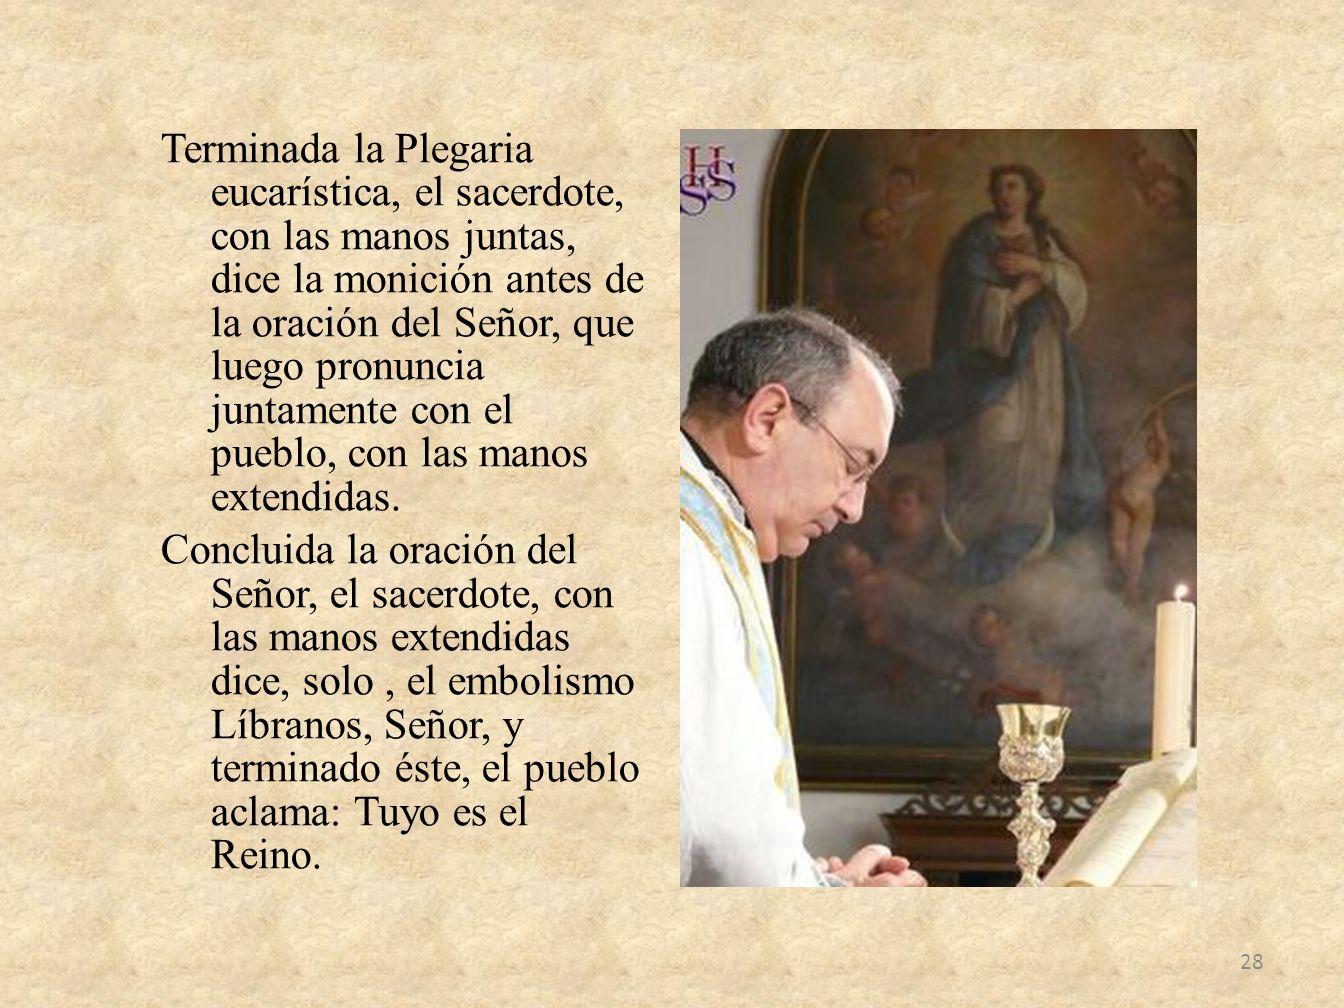 Terminada la Plegaria eucarística, el sacerdote, con las manos juntas, dice la monición antes de la oración del Señor, que luego pronuncia juntamente